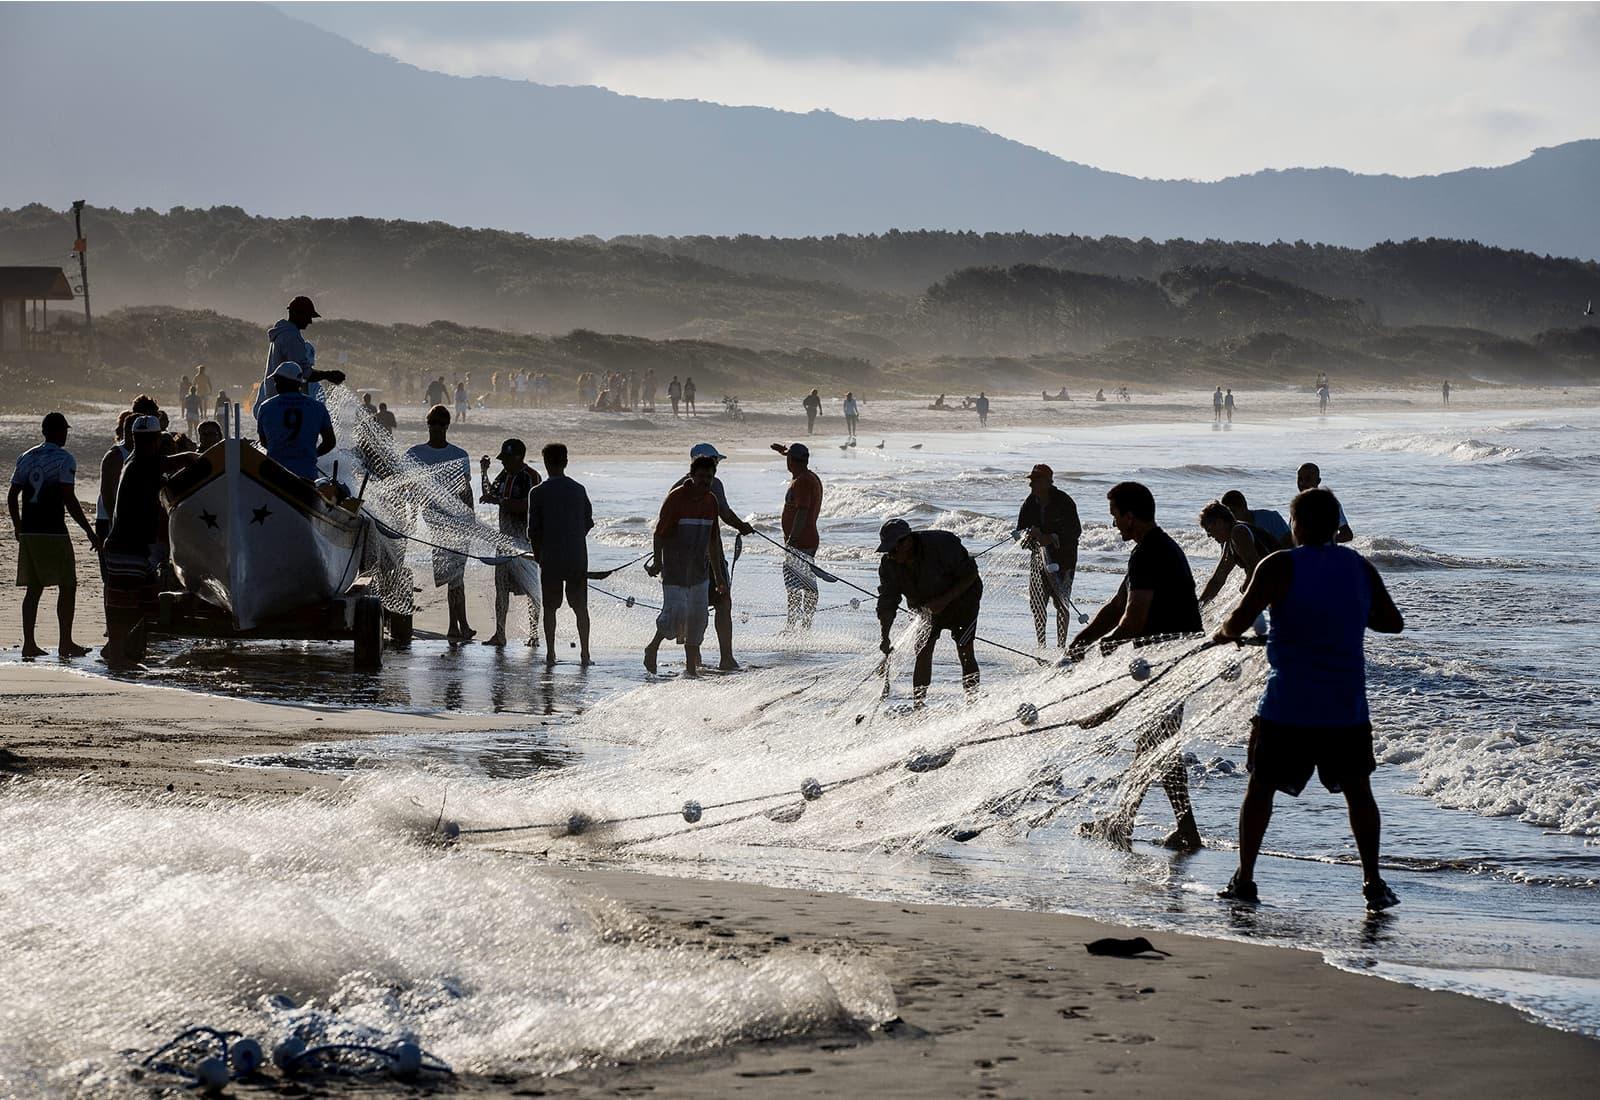 Near-shore fishermen on the coast of Barra de Lagoa, Santa Catarina, Brazil. Photo credit: Bento Viana Photography and Oceana